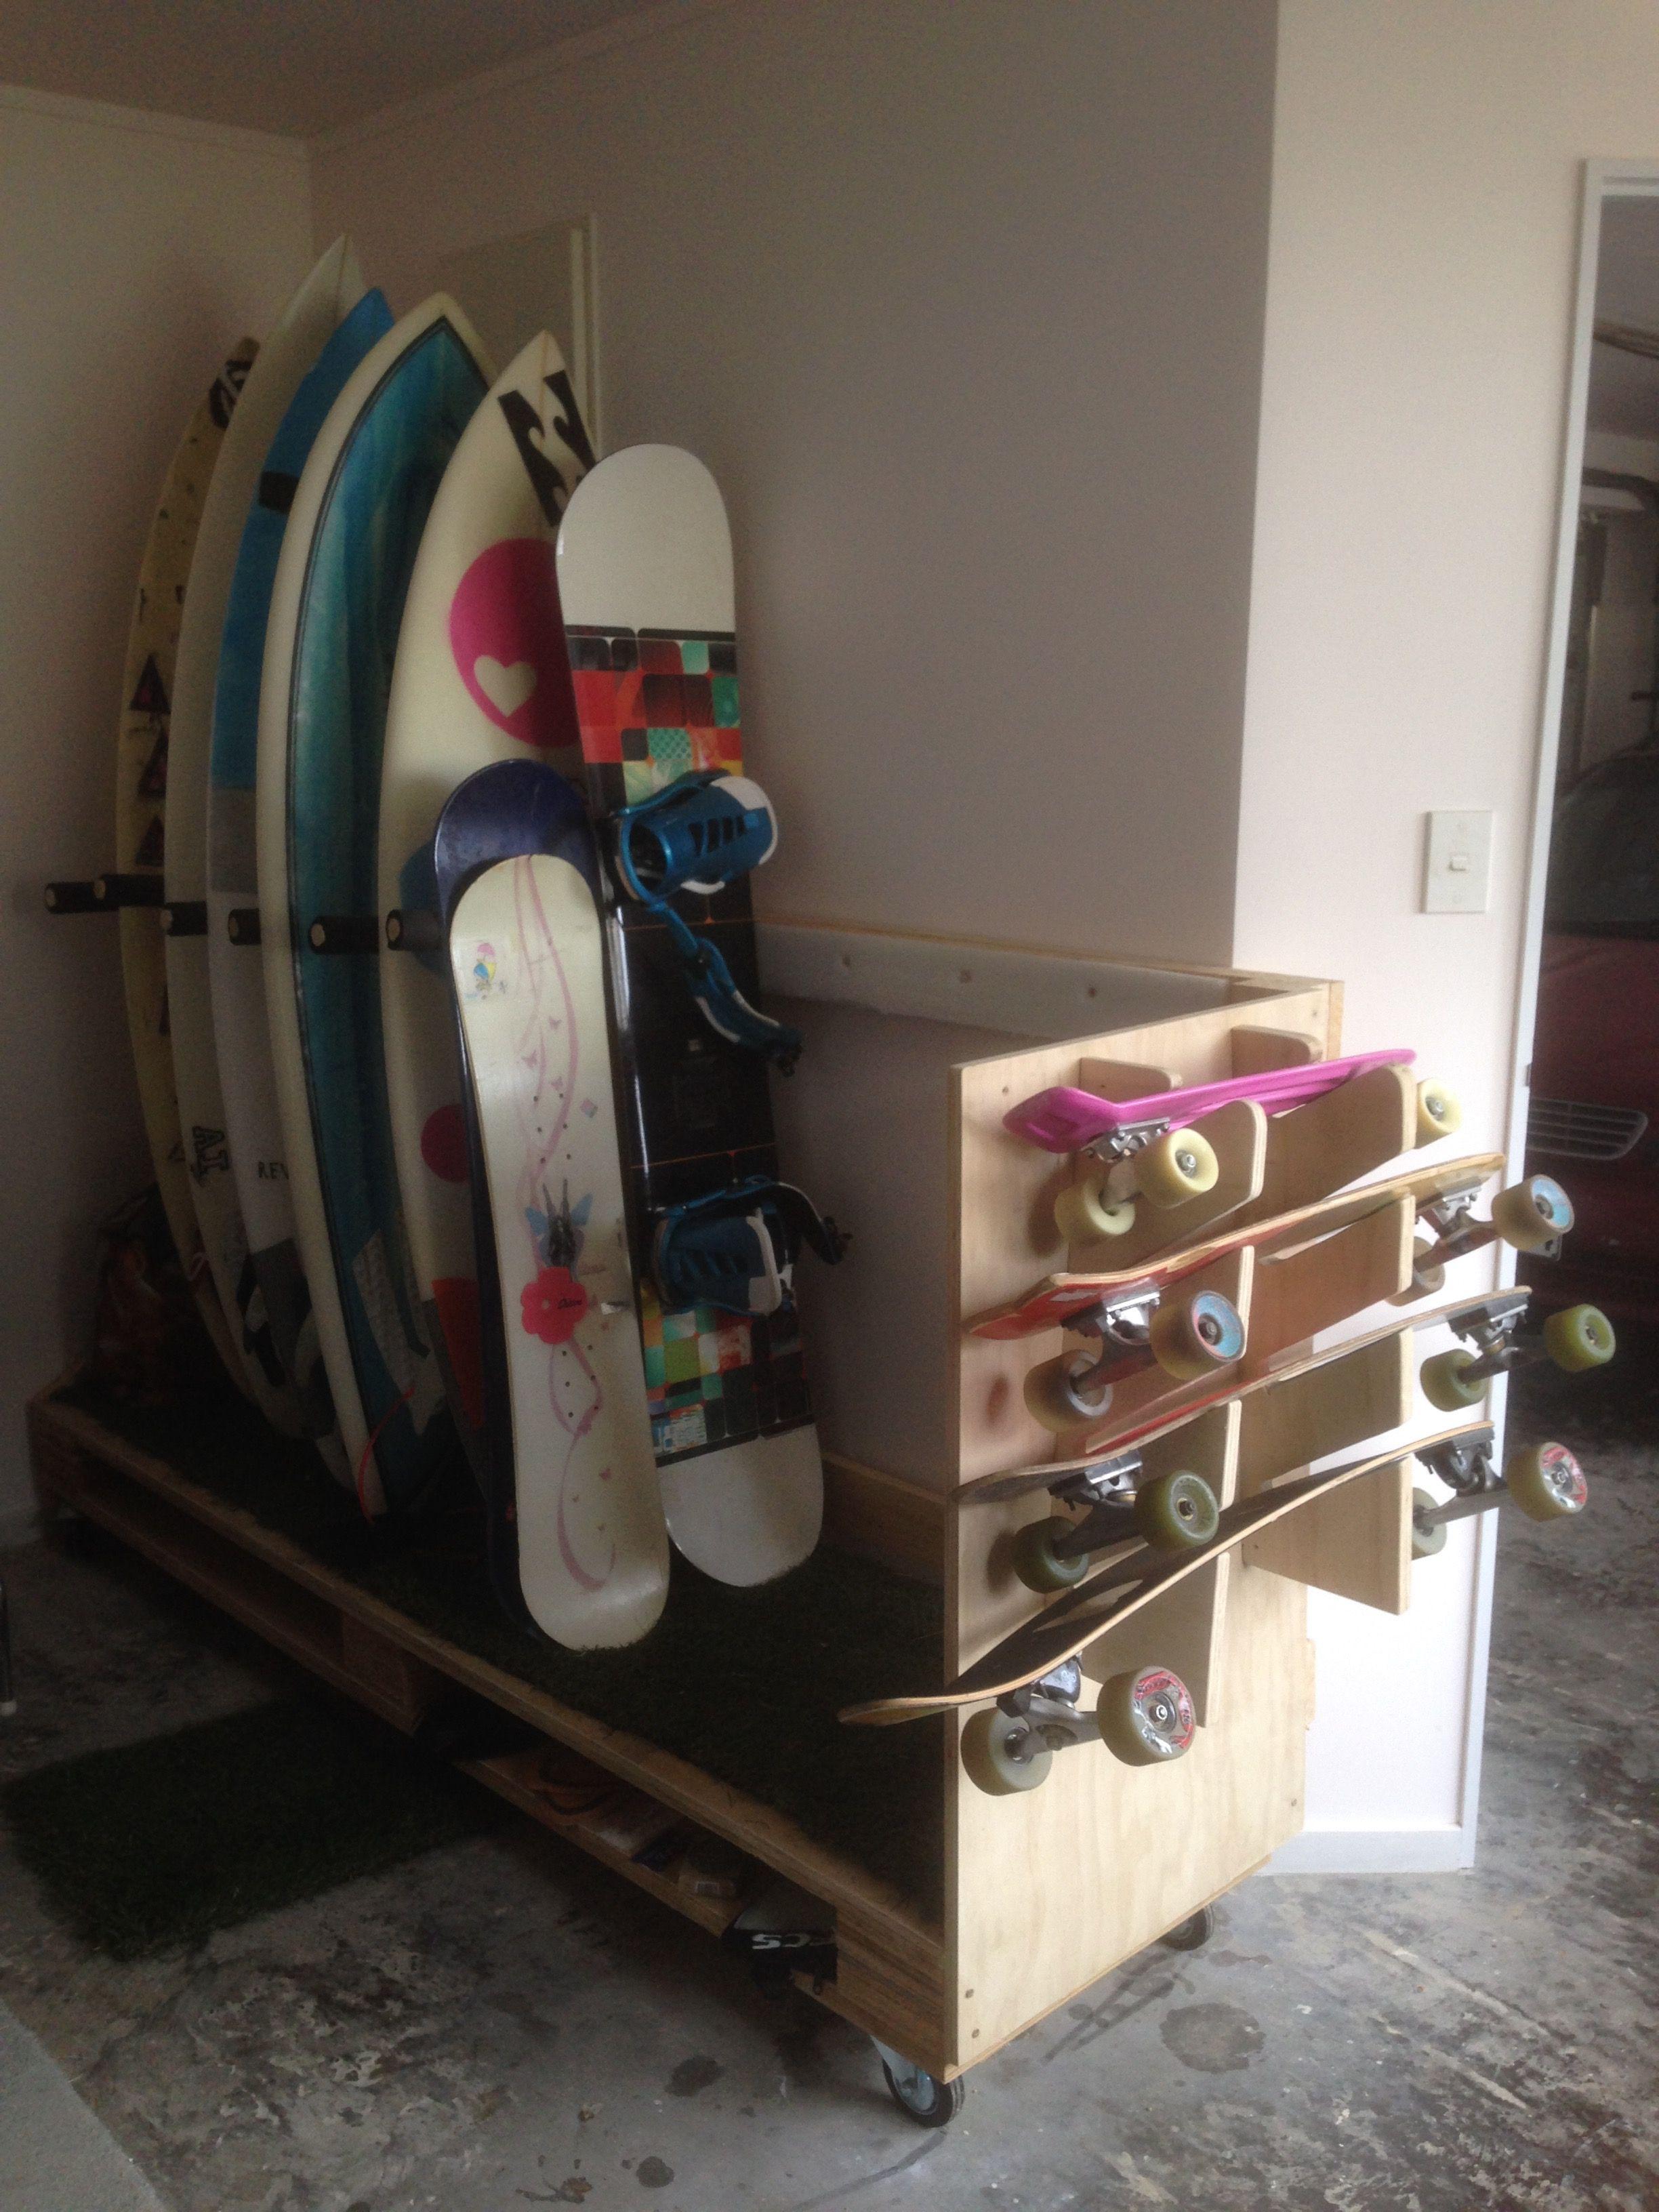 Diy Surfboard Snowboard Skateboard Storage Stand Made